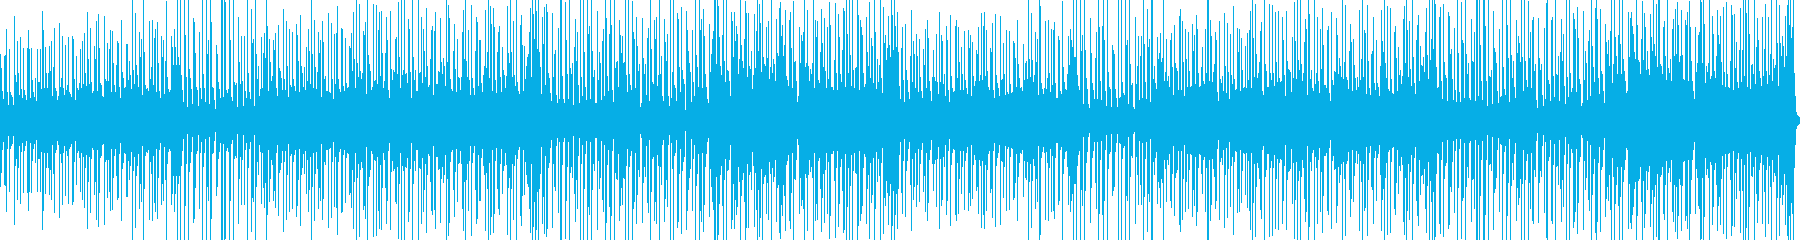 陽気で軽やかなサウンドの再生済みの波形